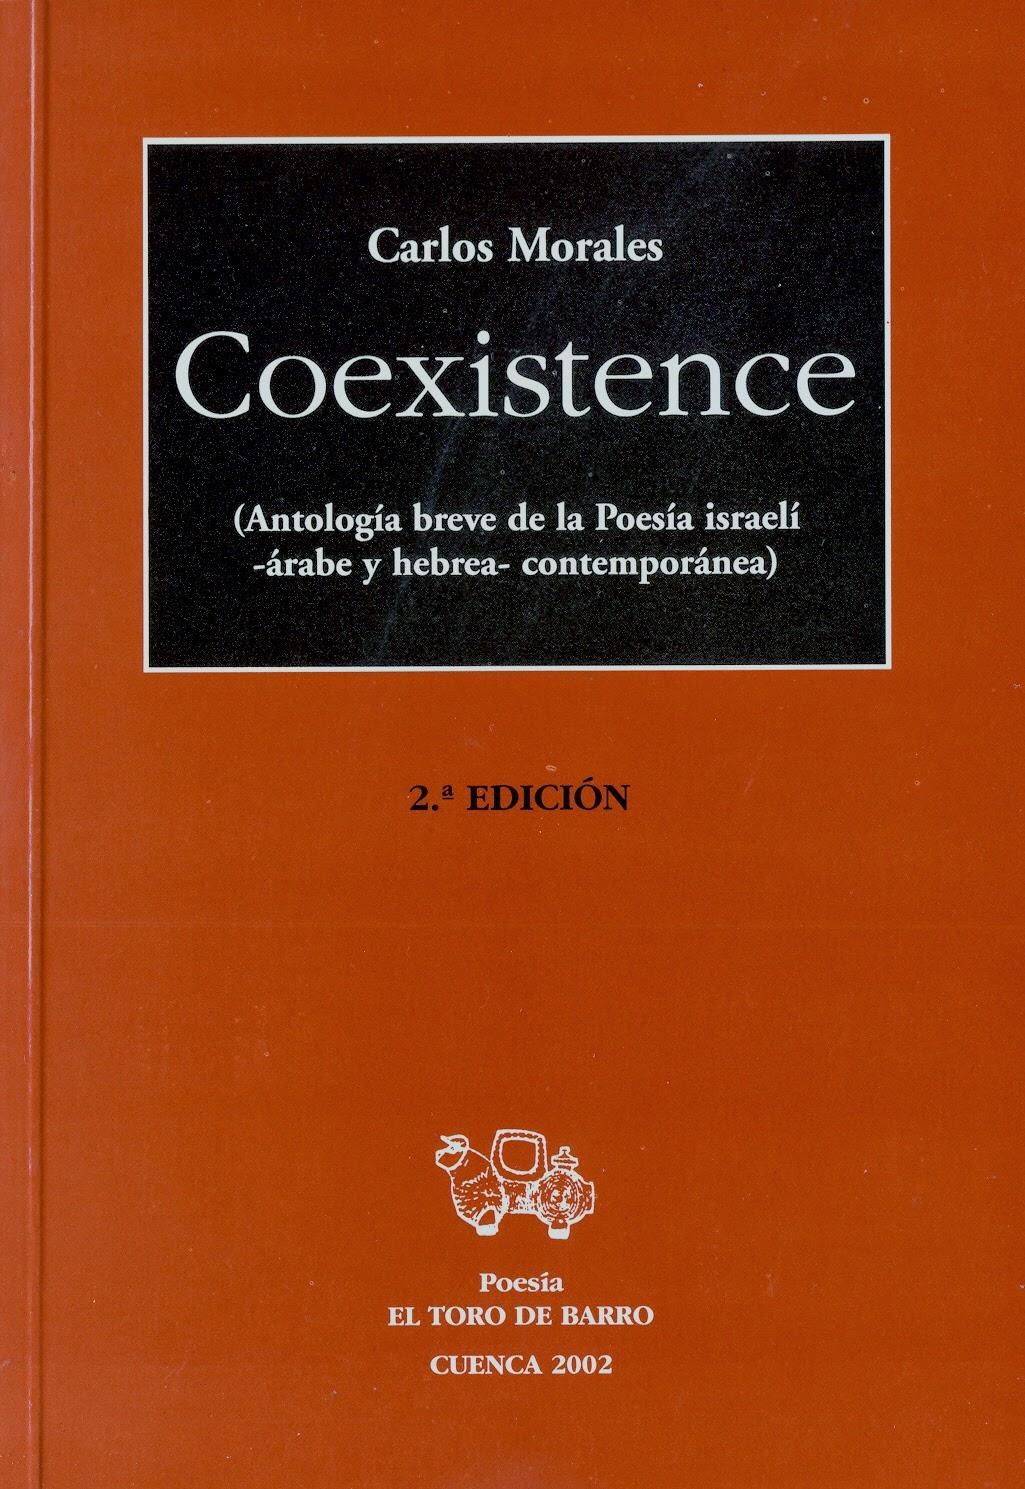 """Carlos Morales, """"Coexistencia (Antología de poesía israelí –árabe y hebrea– contemporánea"""", Ed. El Toro de Barro, Carlos Morales ed."""